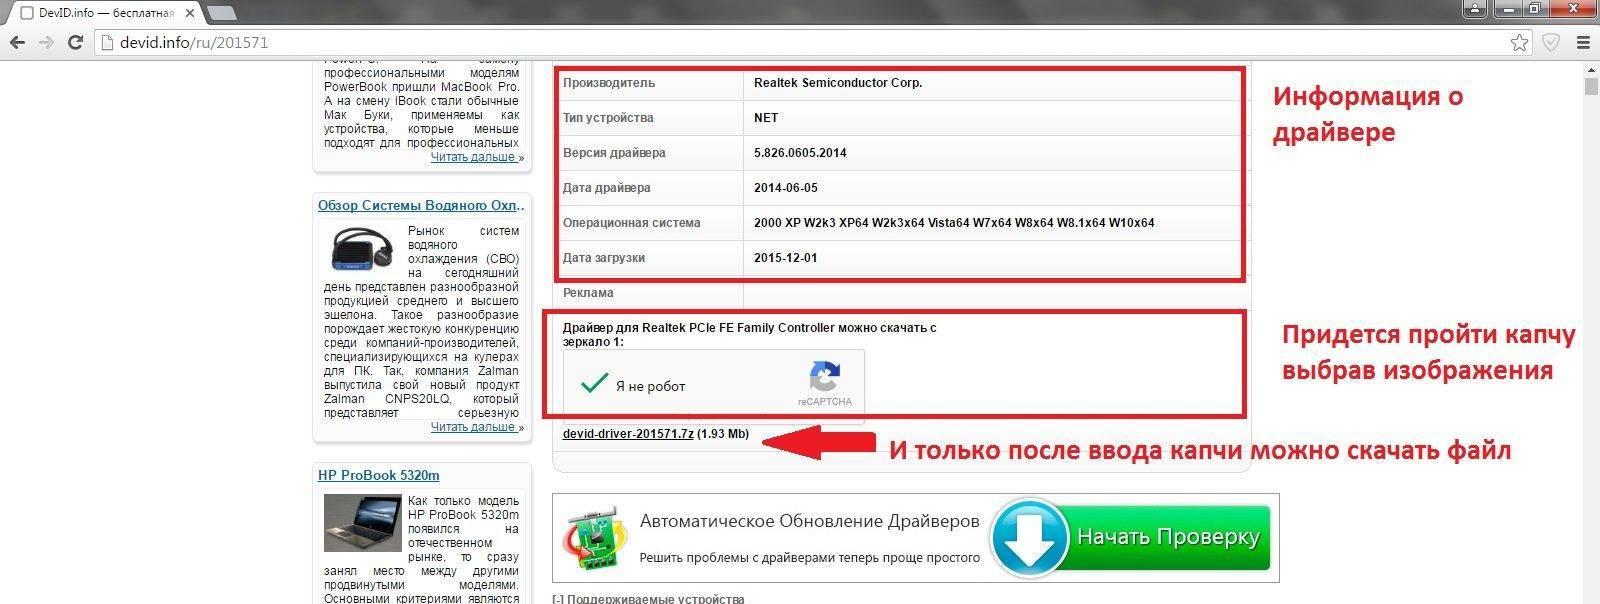 skachivanie-draivera-s-devid-info-e1467175374855.jpg